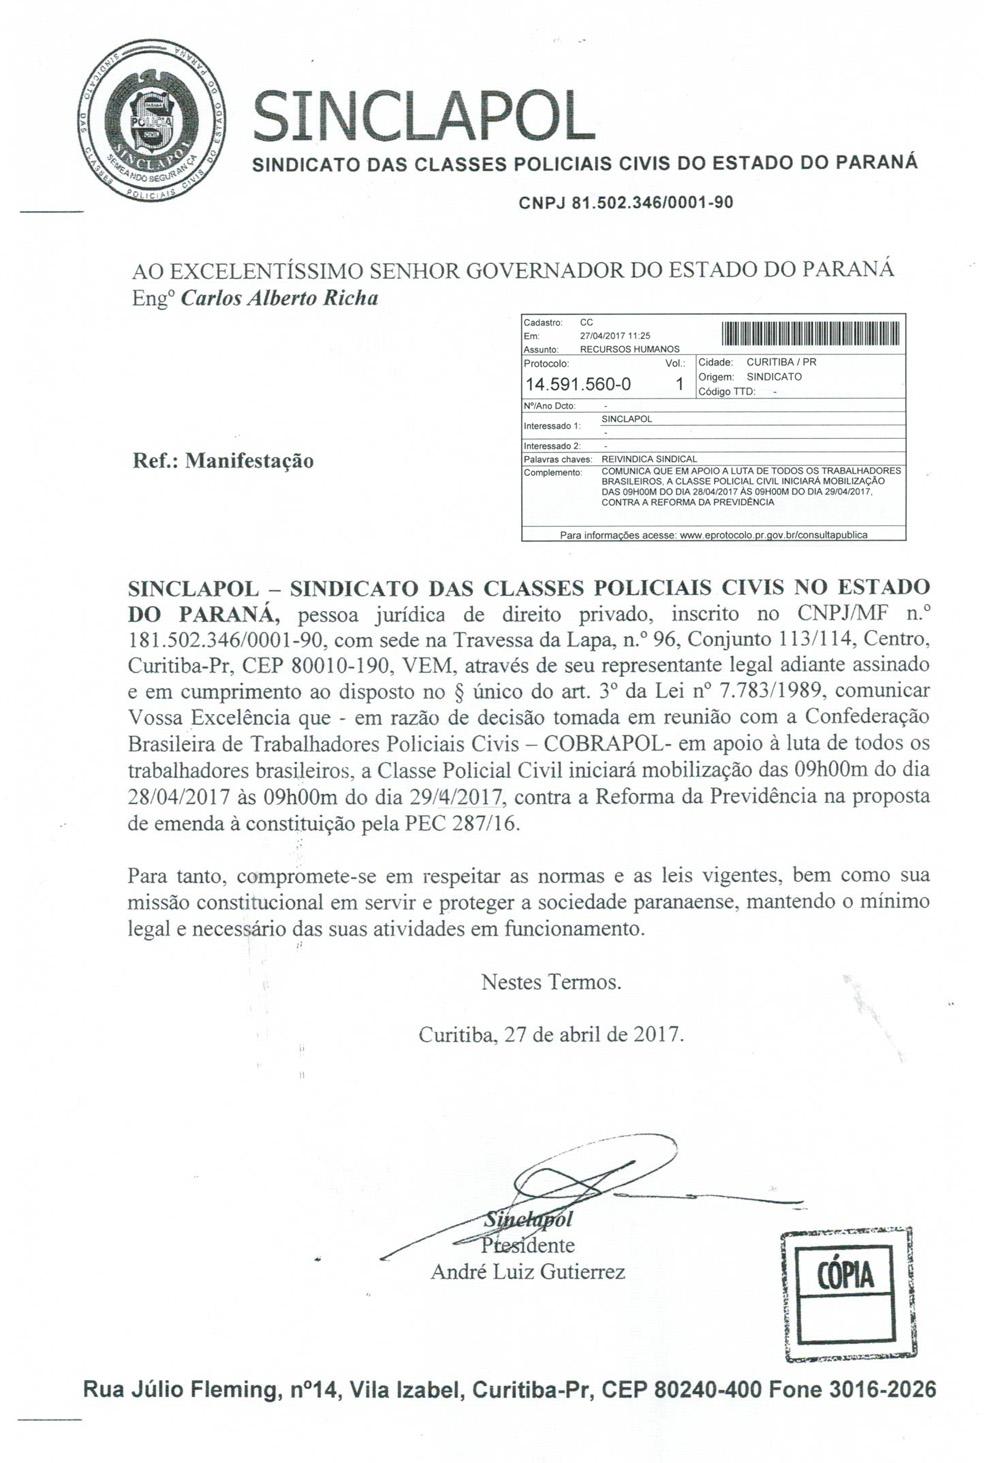 Sinclapol comunica autoridades sobre manifestação de 28 de abril